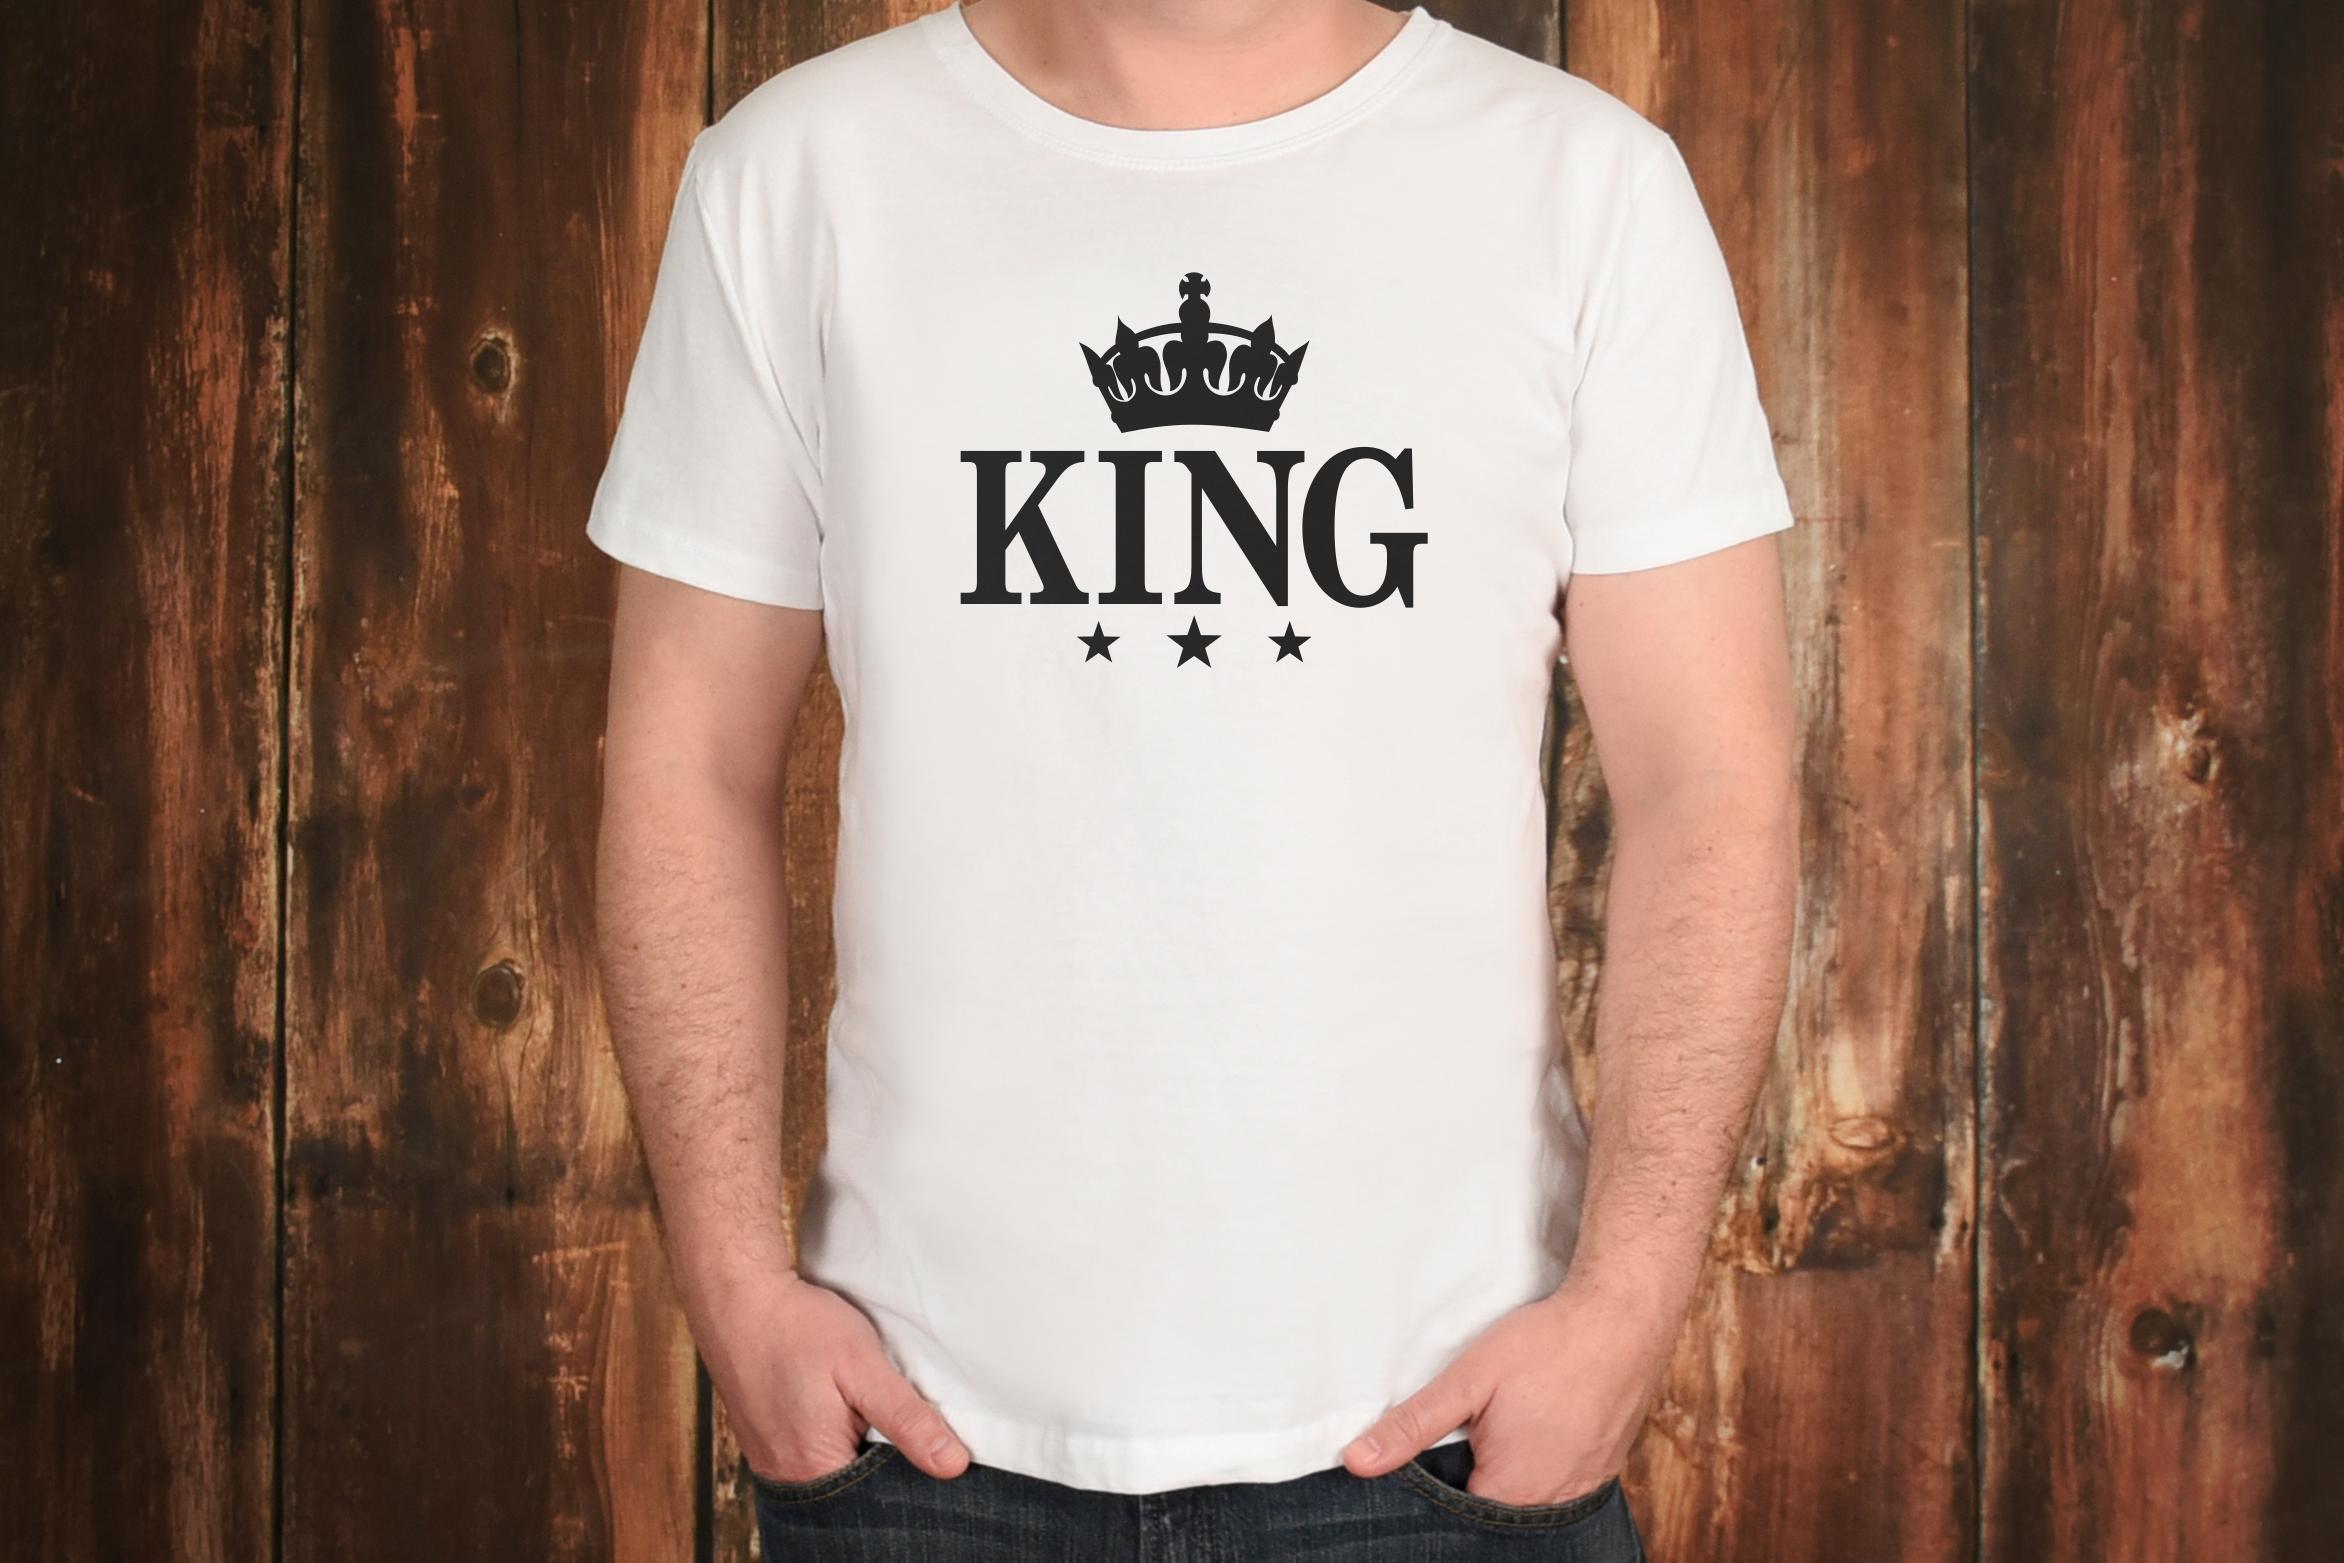 King Svg, Queen Svg, Crown Svg, King Clip Art, Svg File example image 2